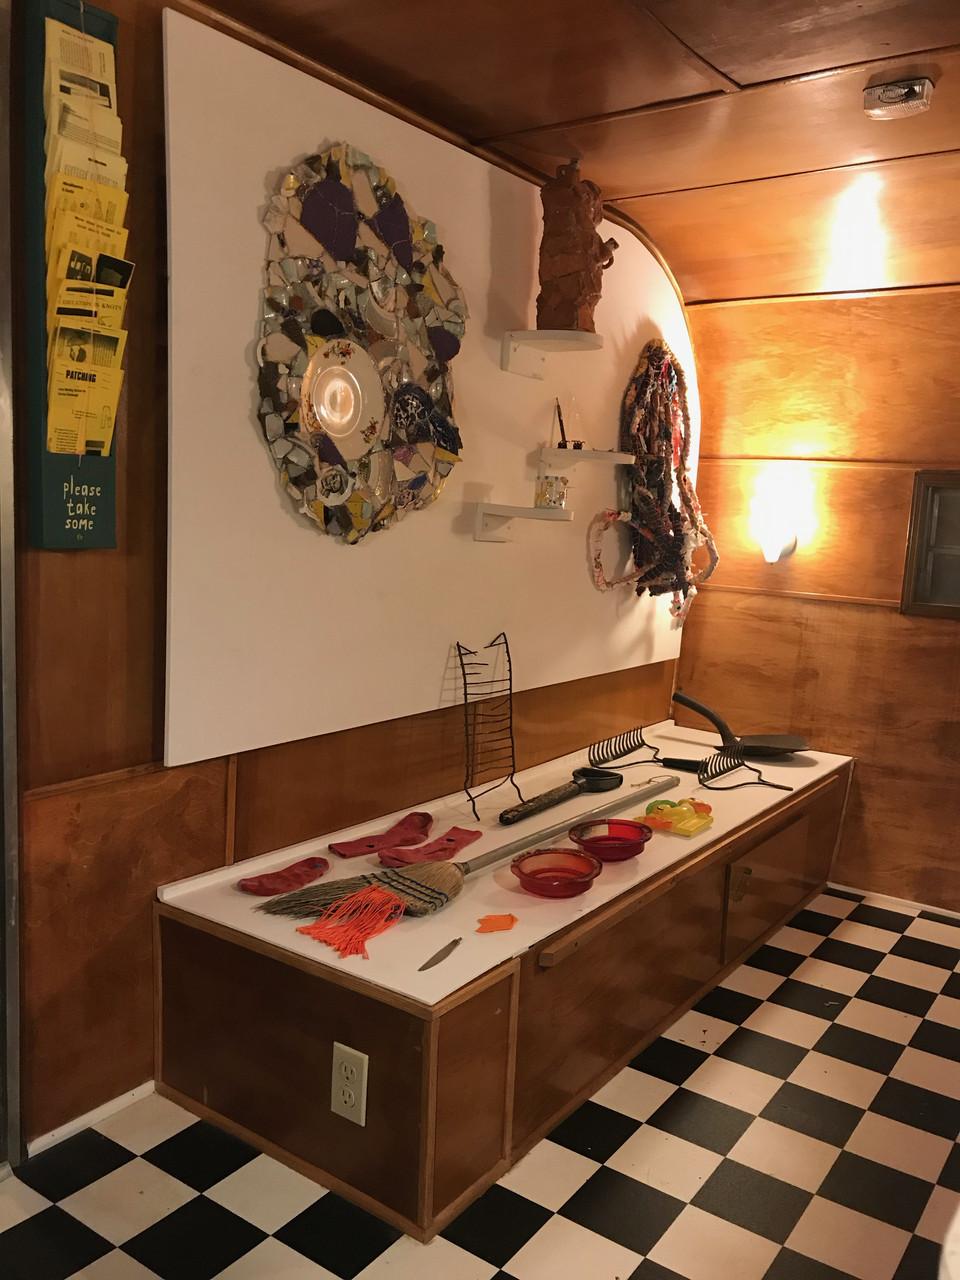 An exhibit of mended things in a camper van gallery space.